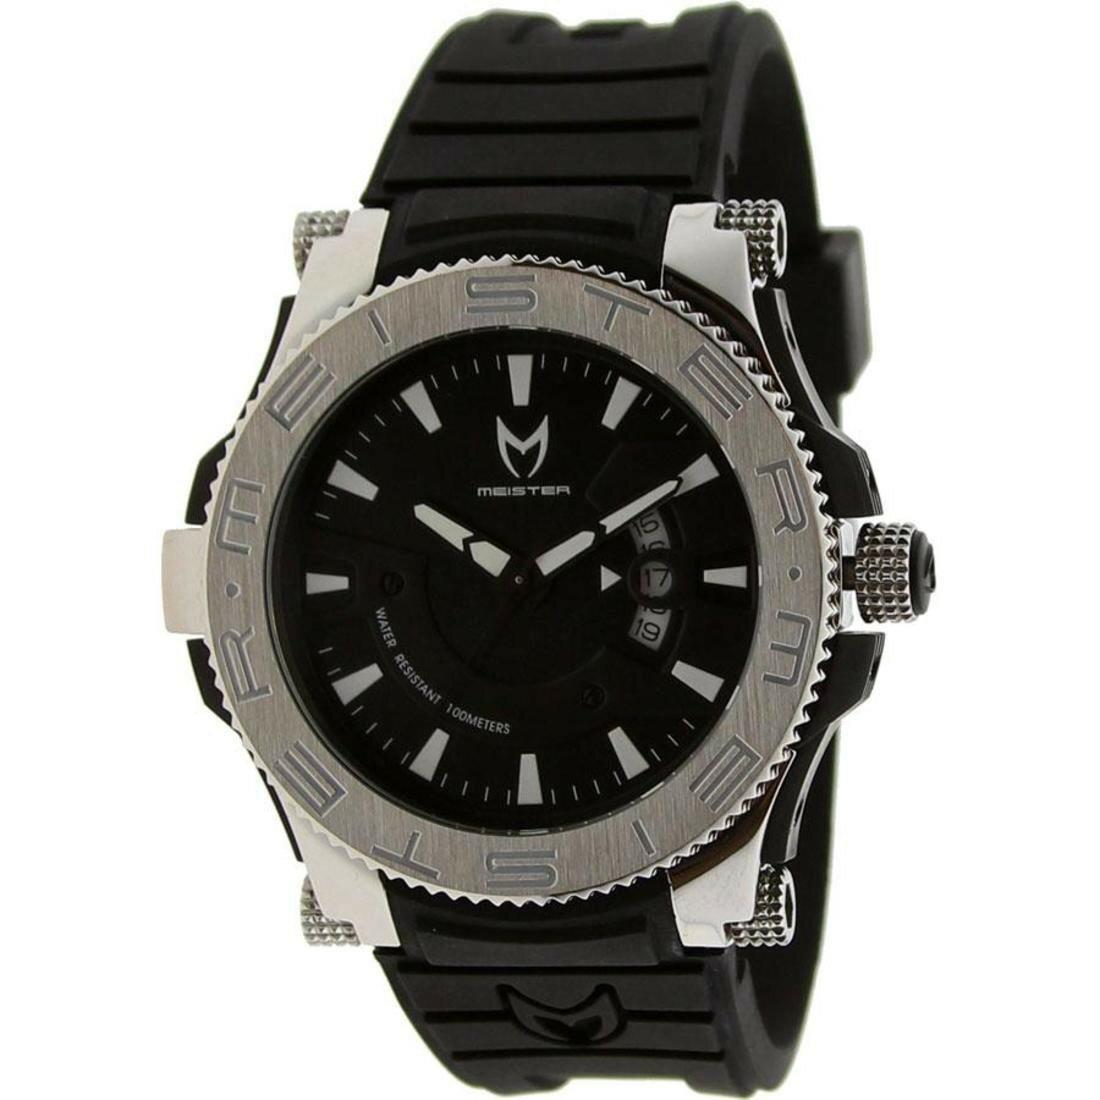 時計 銀色 ラバー シルバー ステンレス ウォッチ プロディジー meister prodigy stainless watch black silver rubber bands 腕時計 男女兼用腕時計